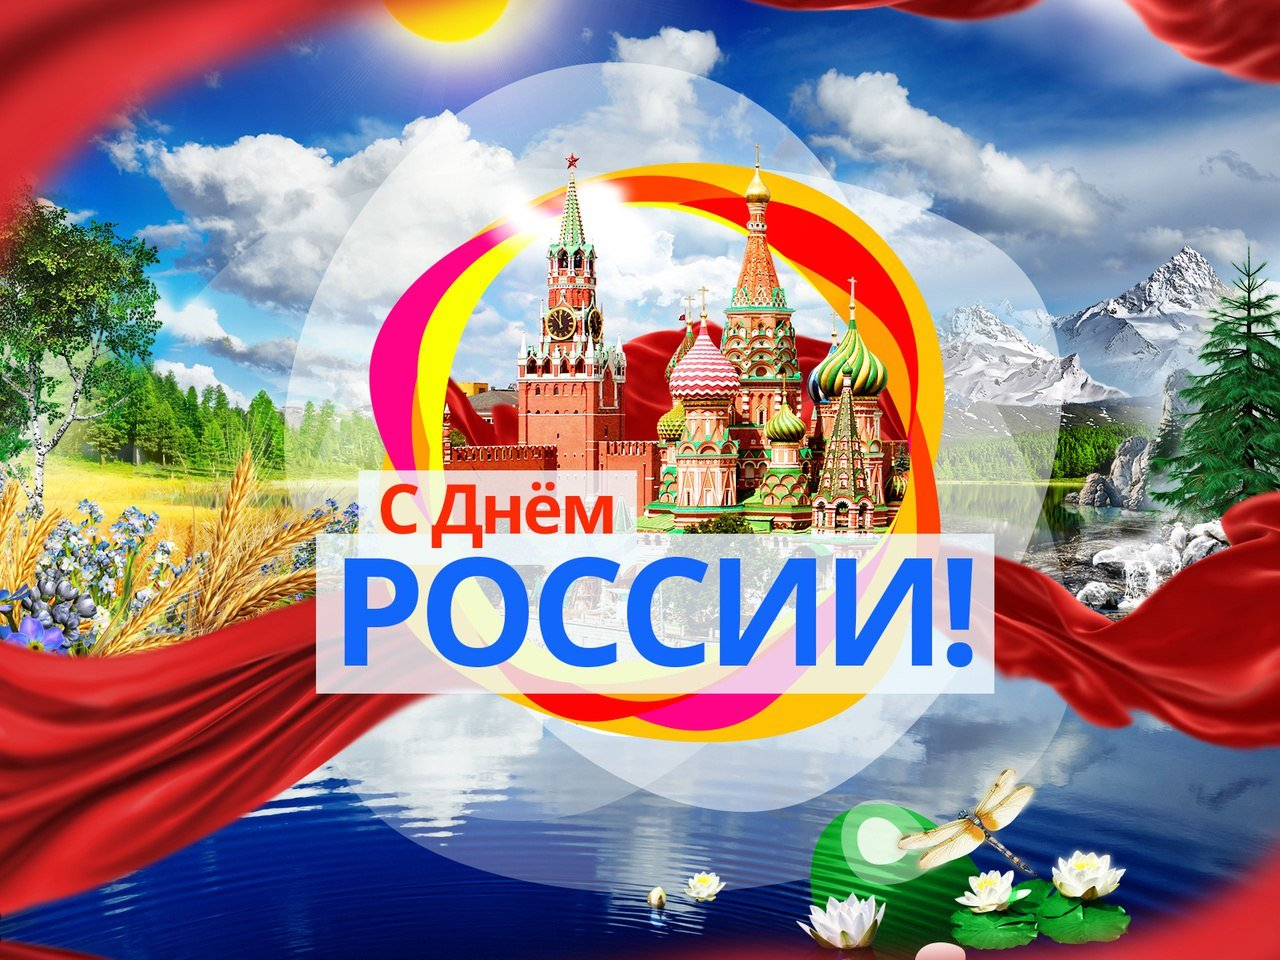 http://sh.uploads.ru/4cDB6.jpg